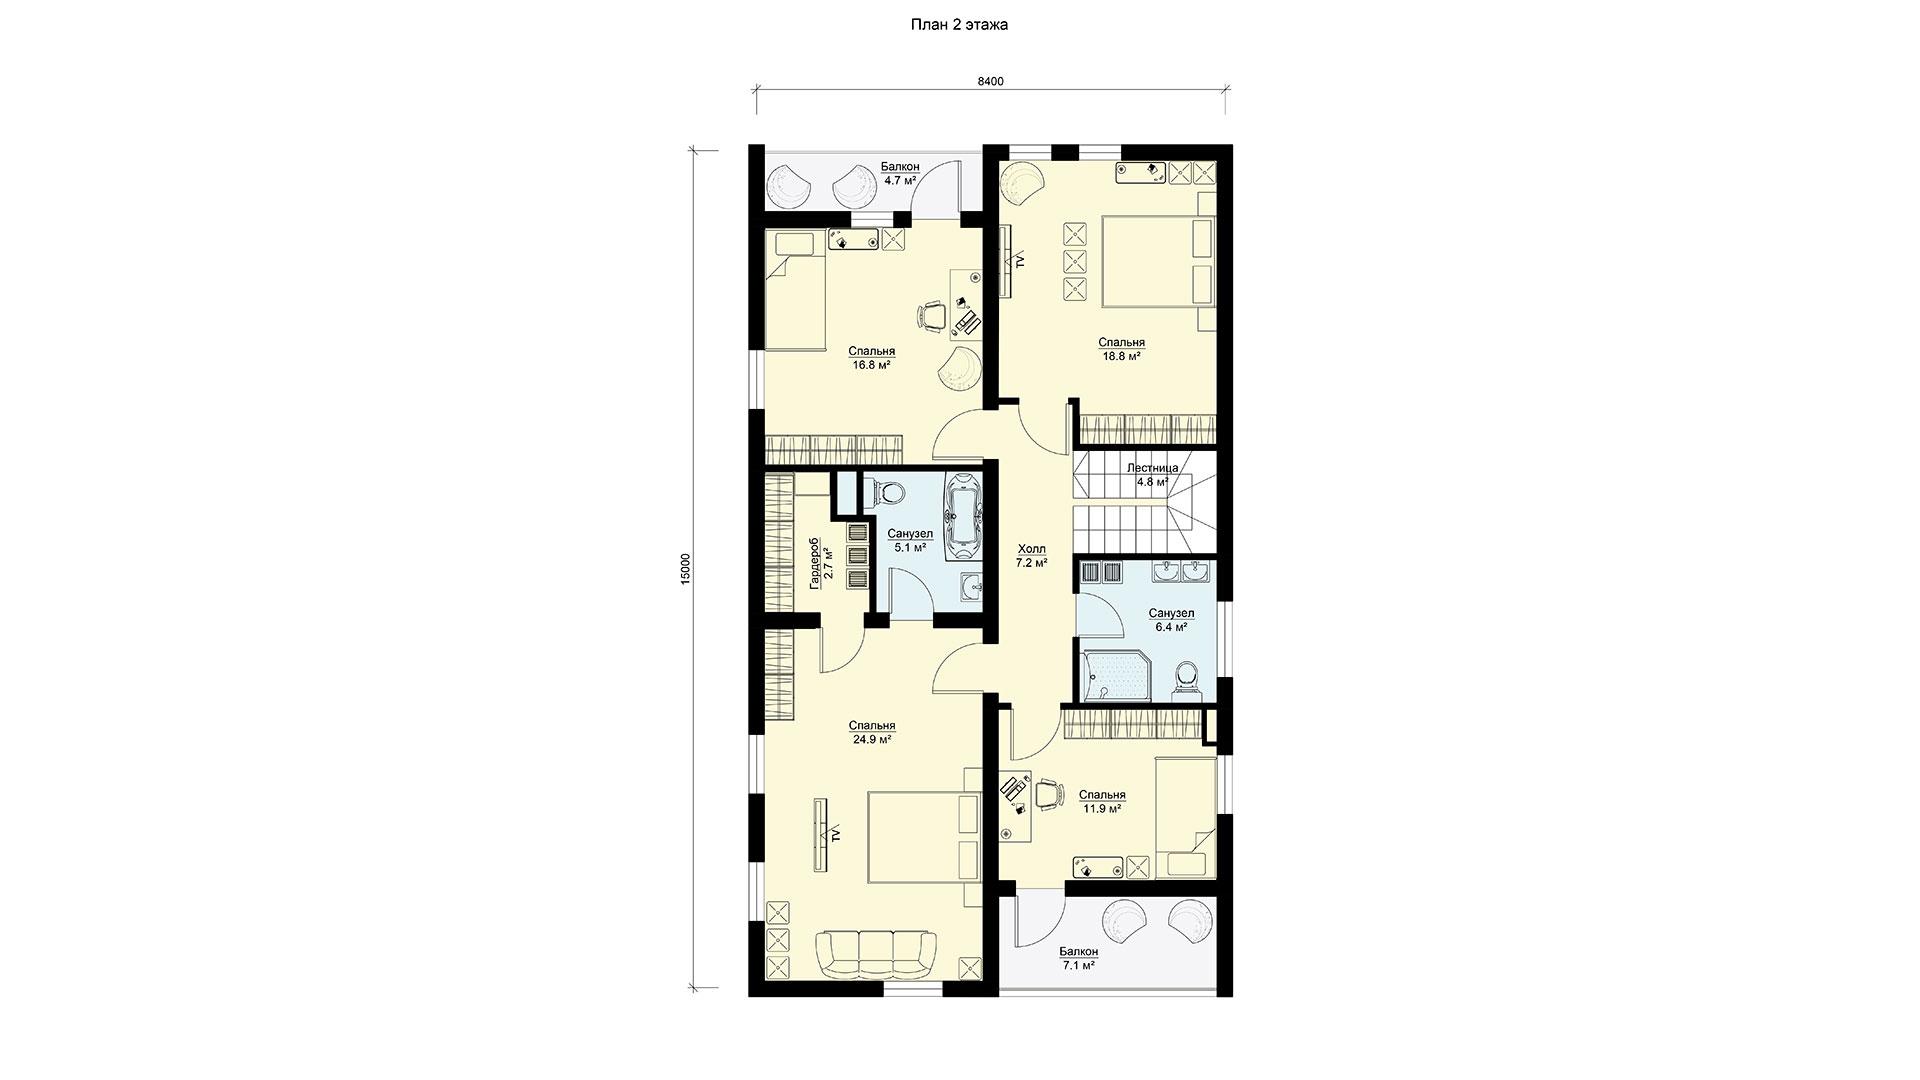 Планировка второго этажа проекта БП-272/1.